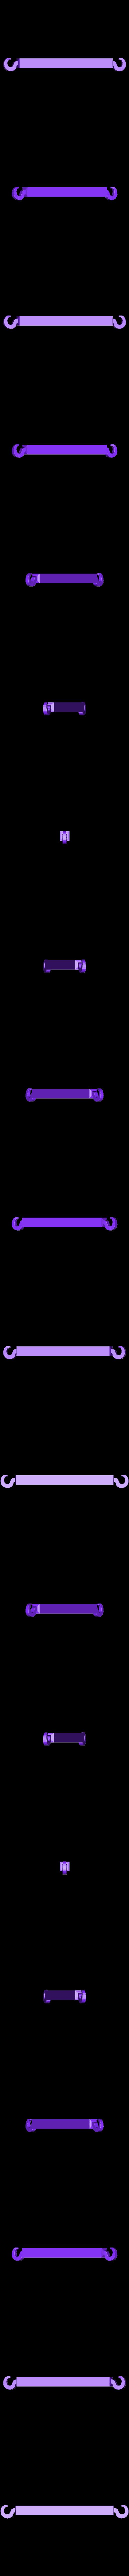 rope.stl Download free STL file Hangman Game • 3D printable design, M3Dr